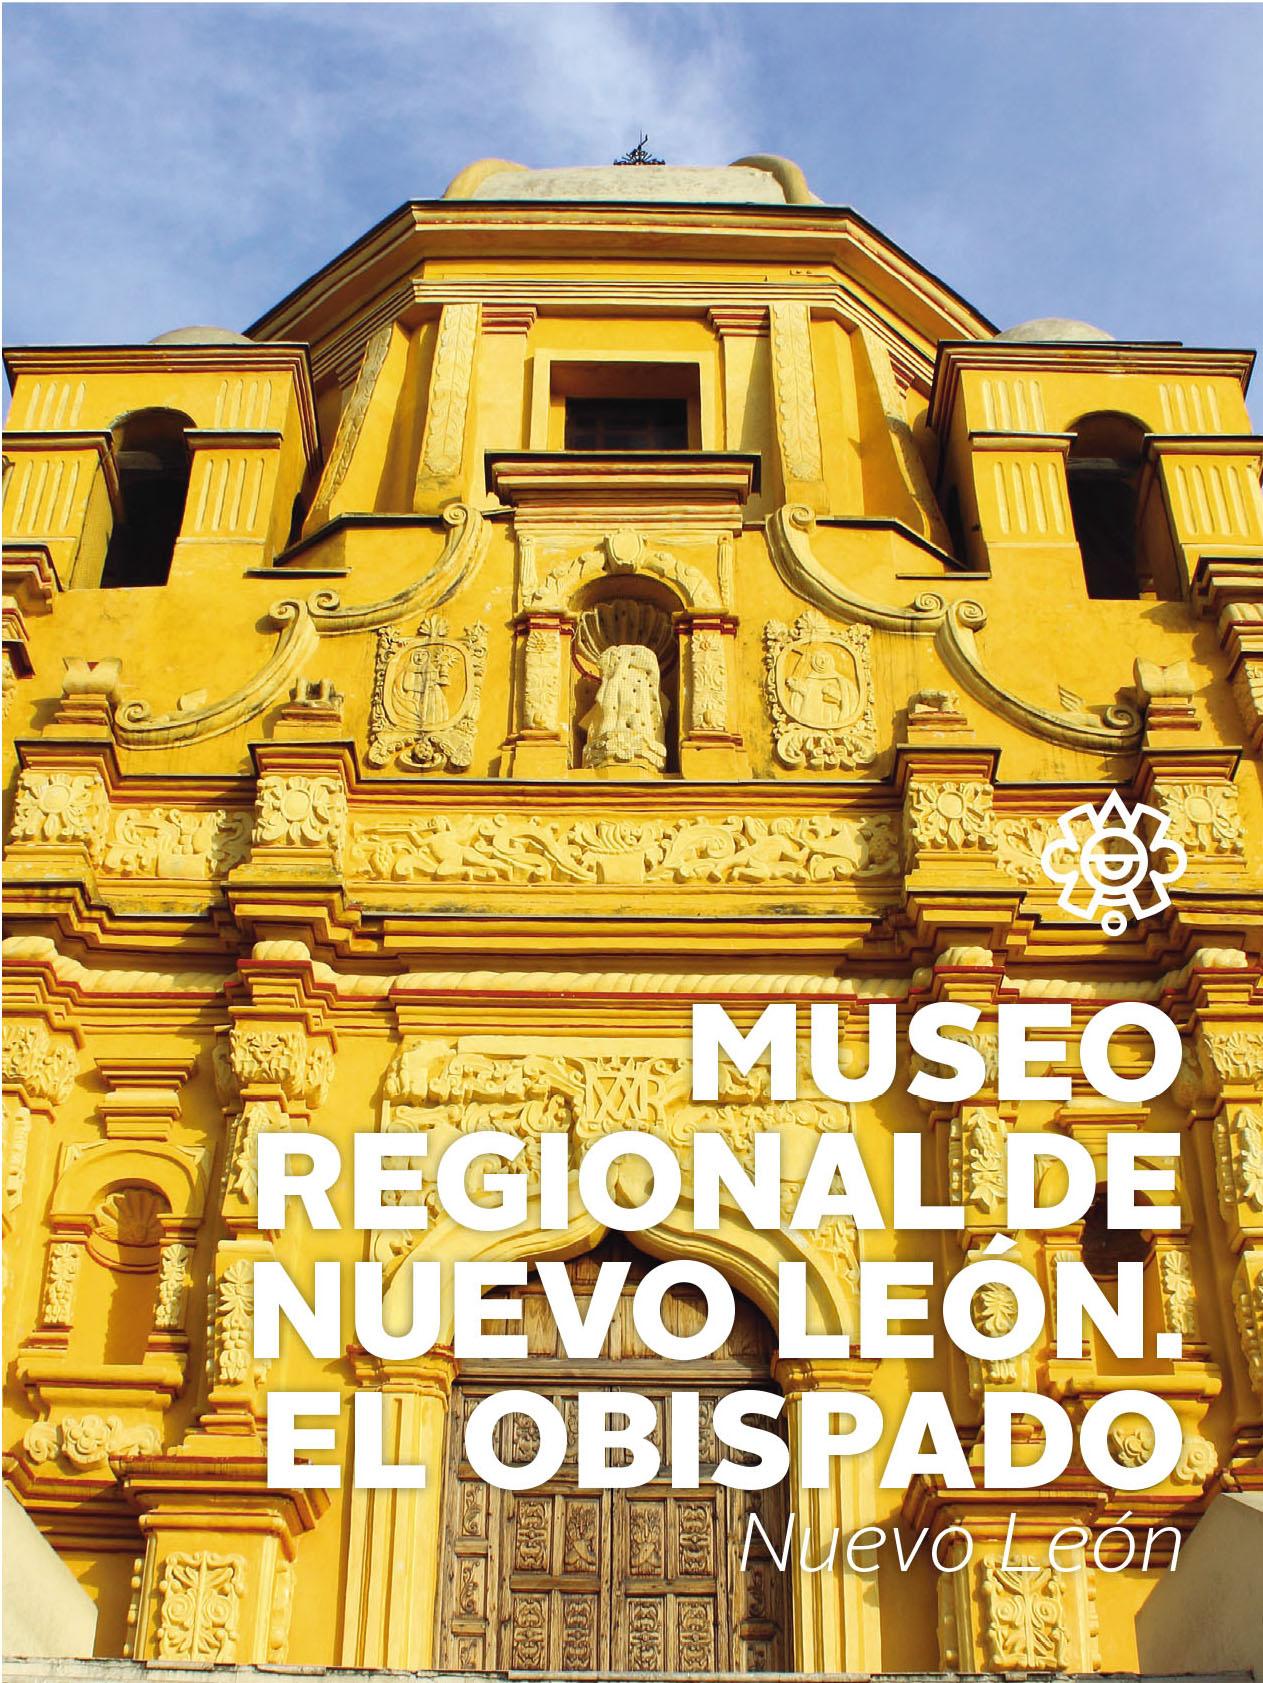 Museo Regional de Nuevo León. El Obispado